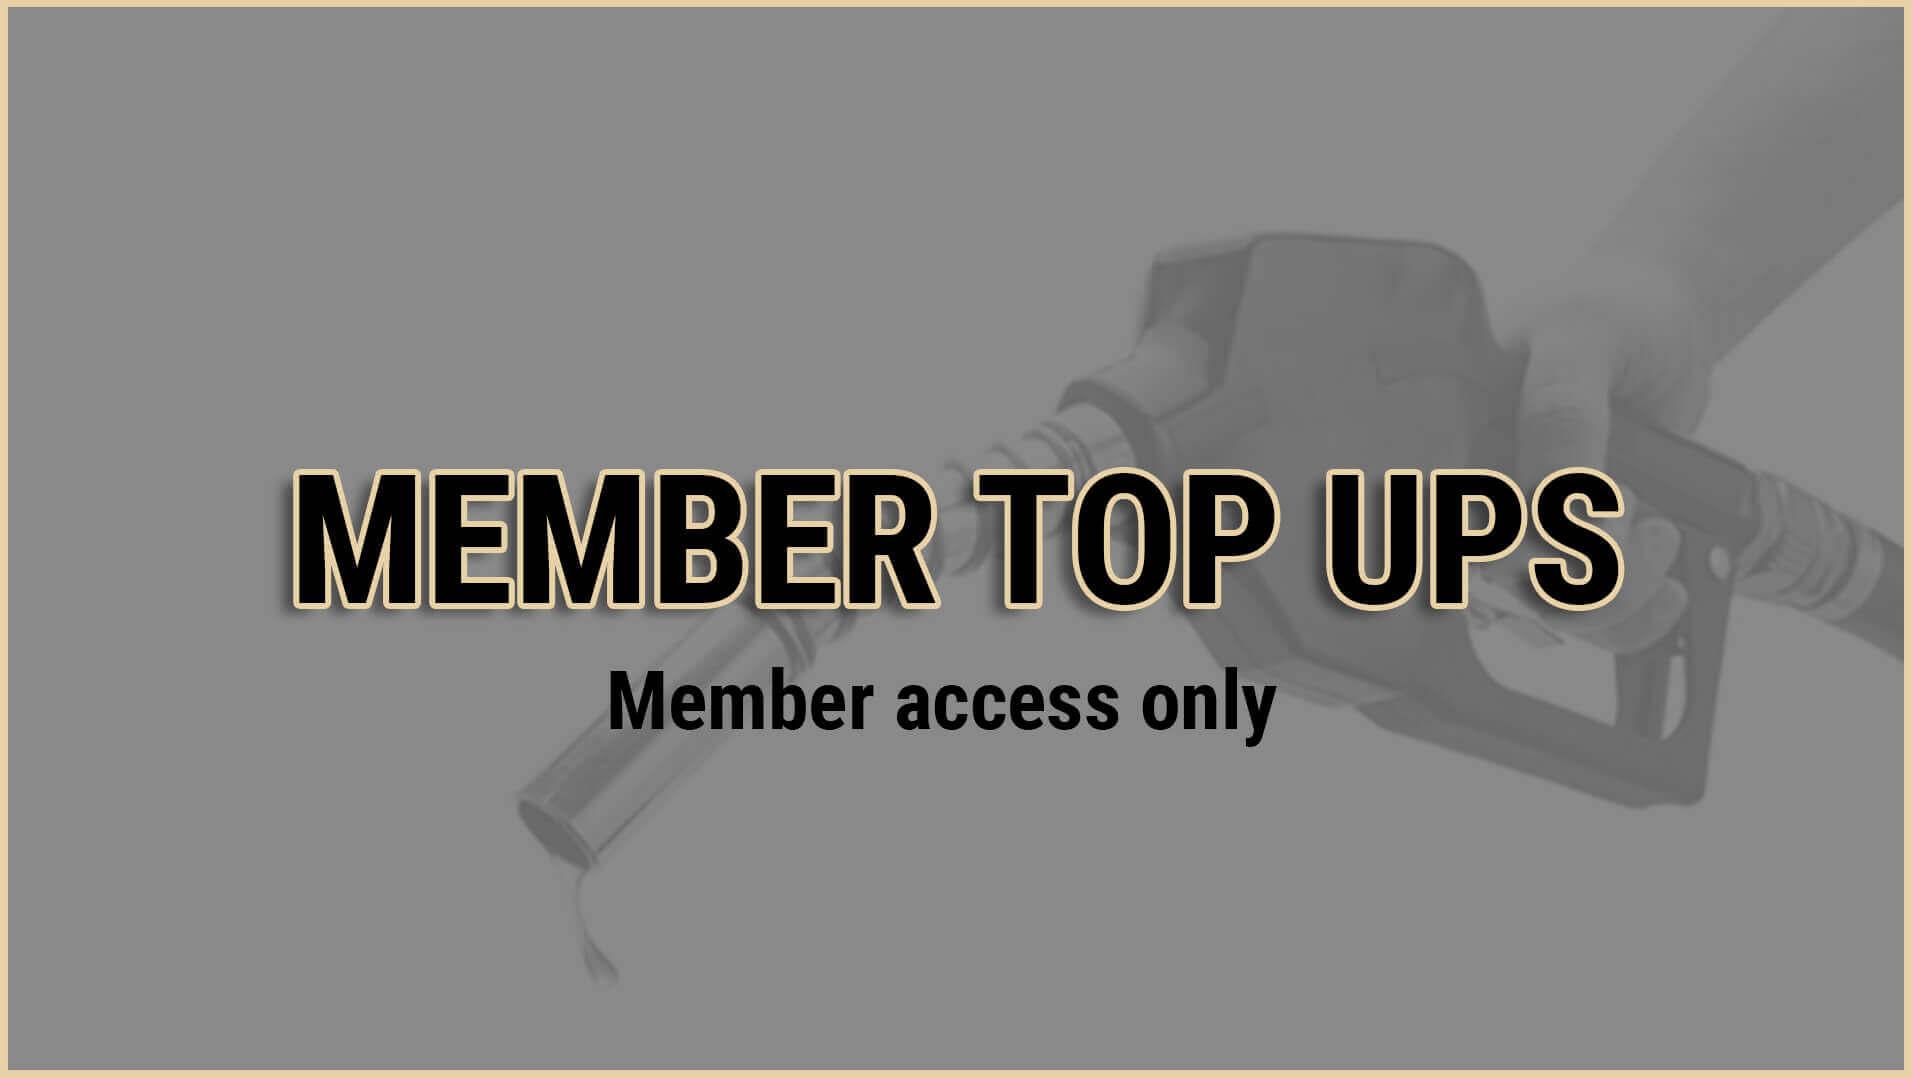 member top ups grey